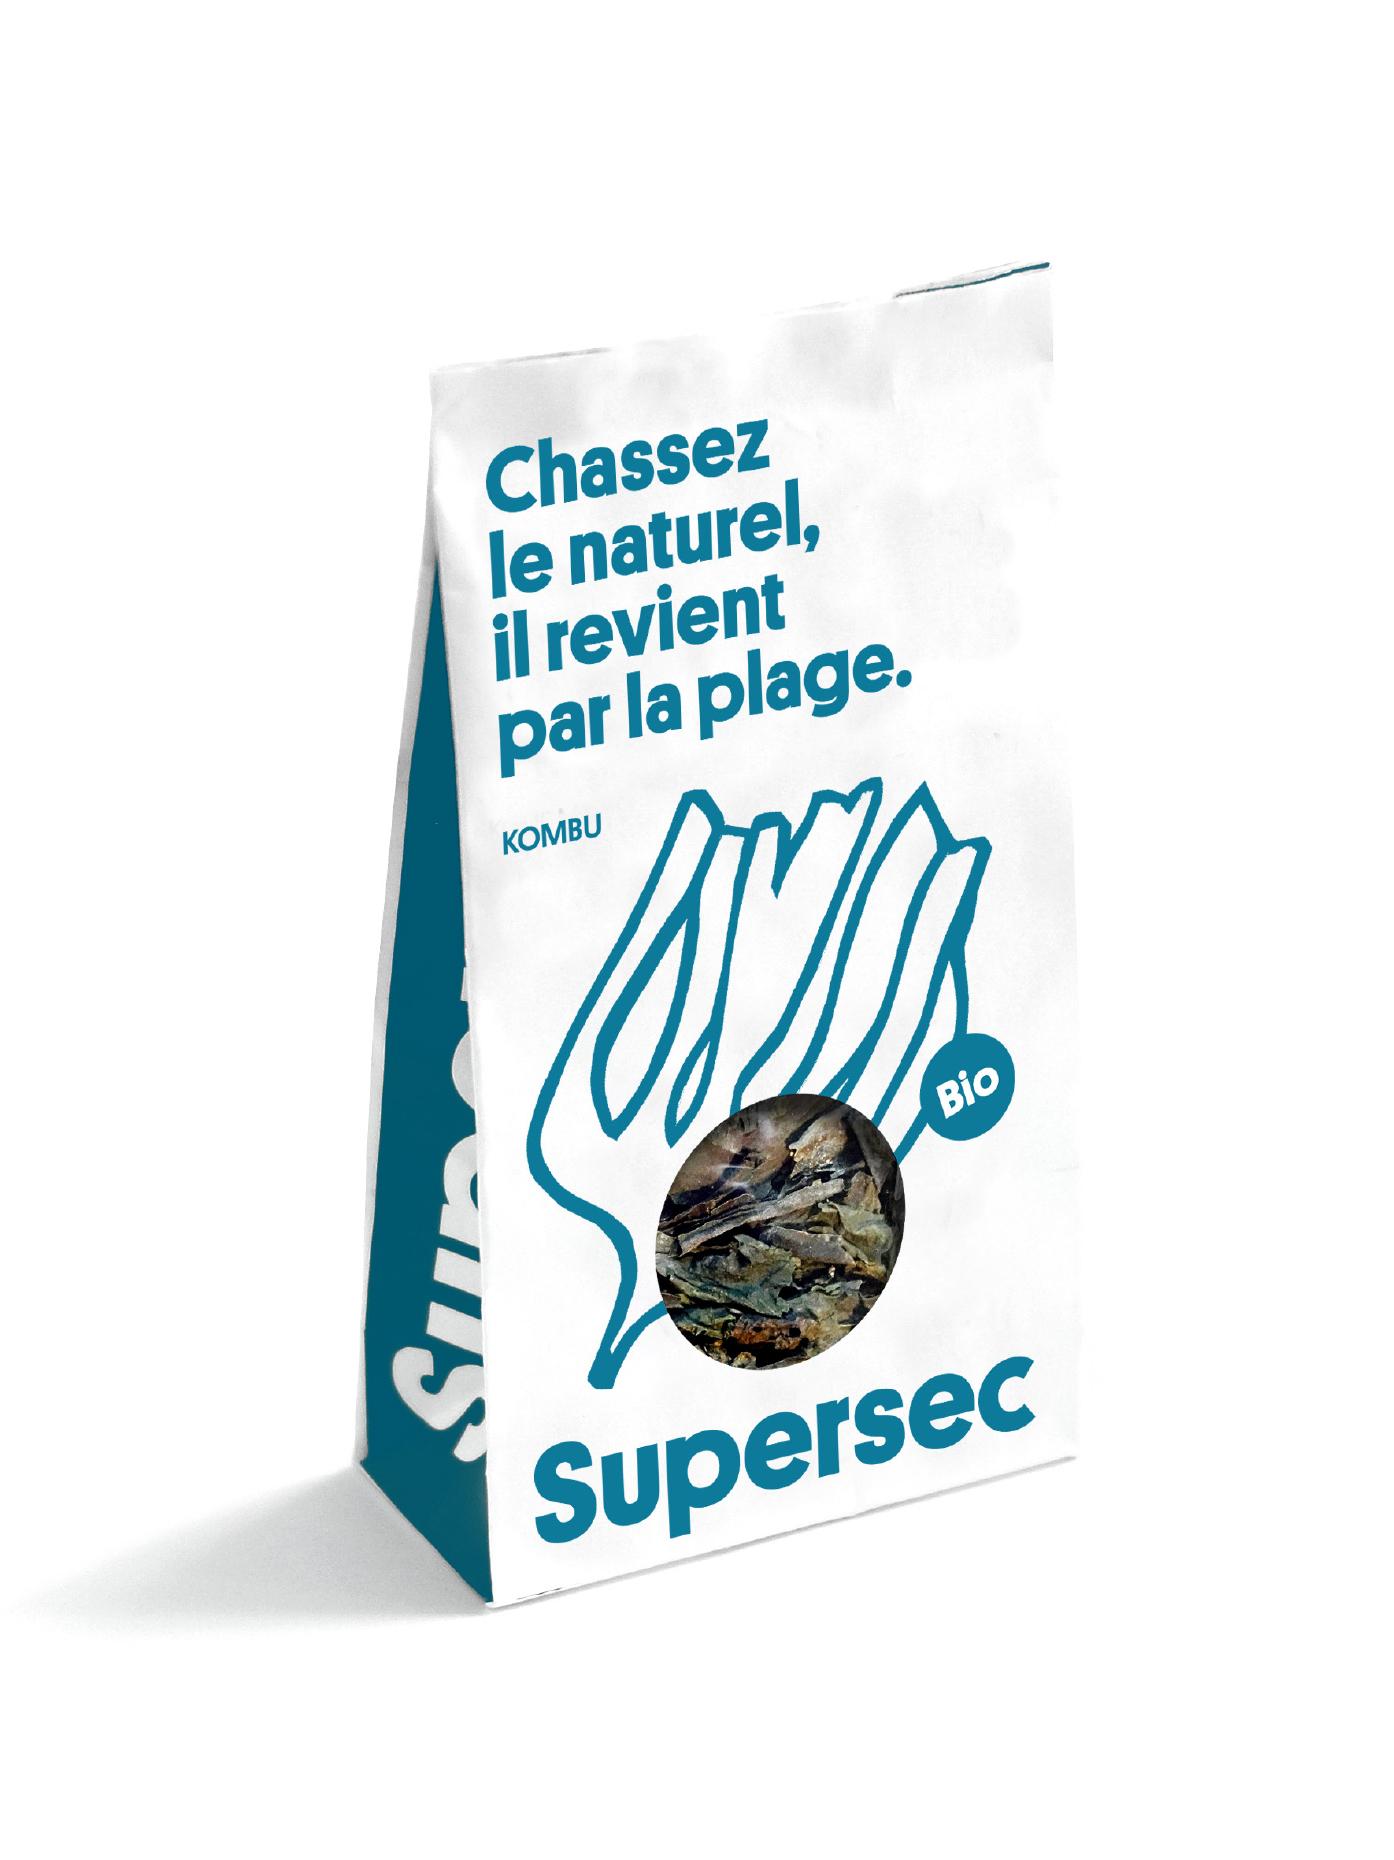 Sachet de Kombu breton, une algue bio séchée par Supersec